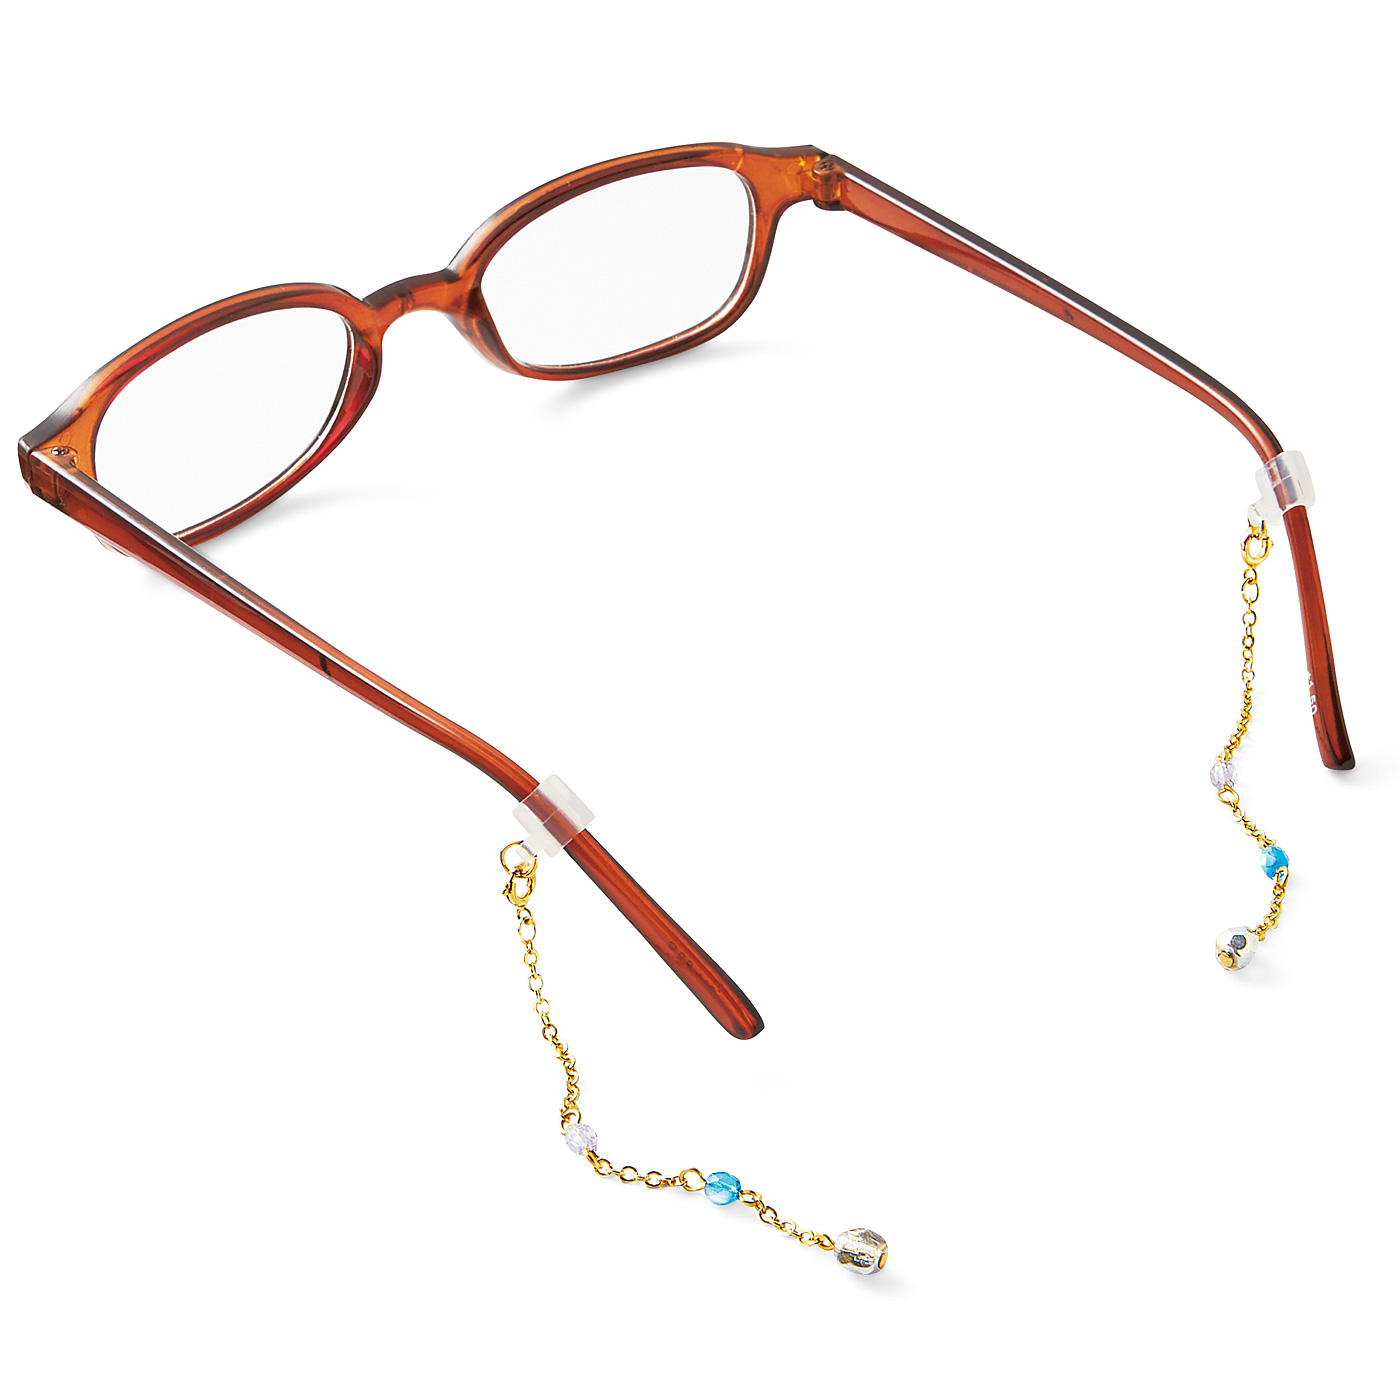 メガネのつるにはめるシリコーン製のストッパーでチェーンは取り外し可能です。